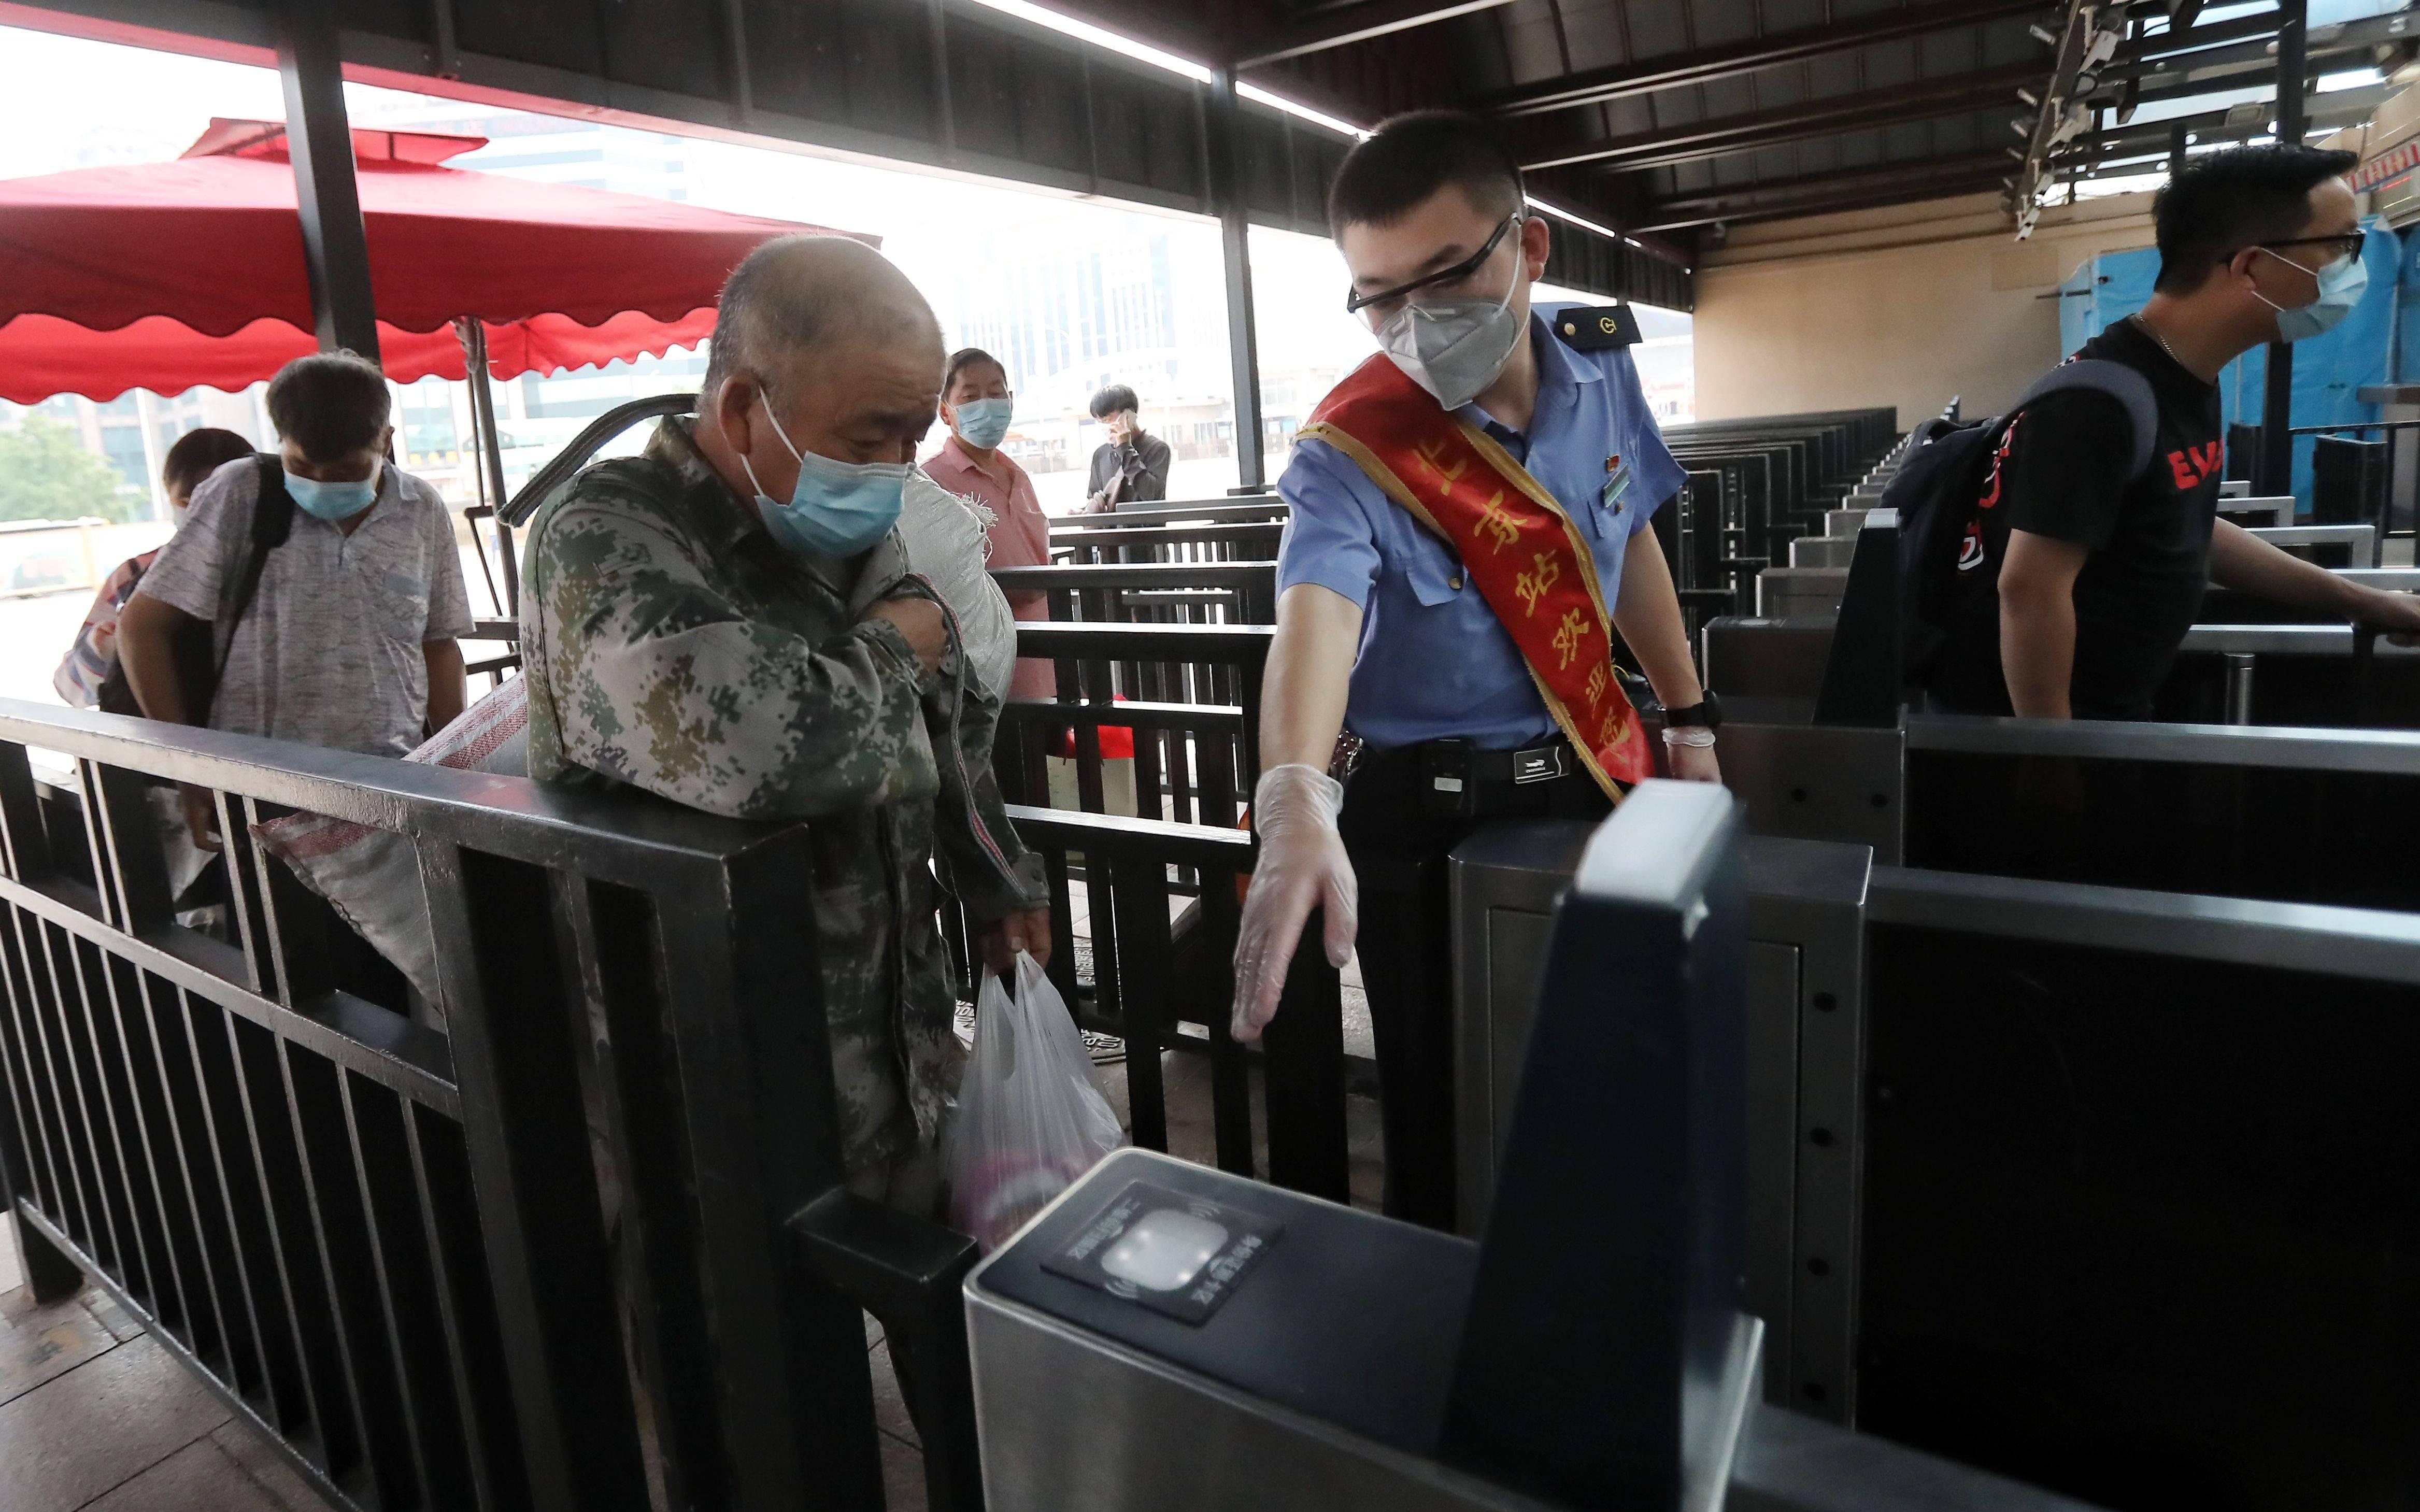 乘火车离京已不查核酸证明大数据限制中高风险地区购票